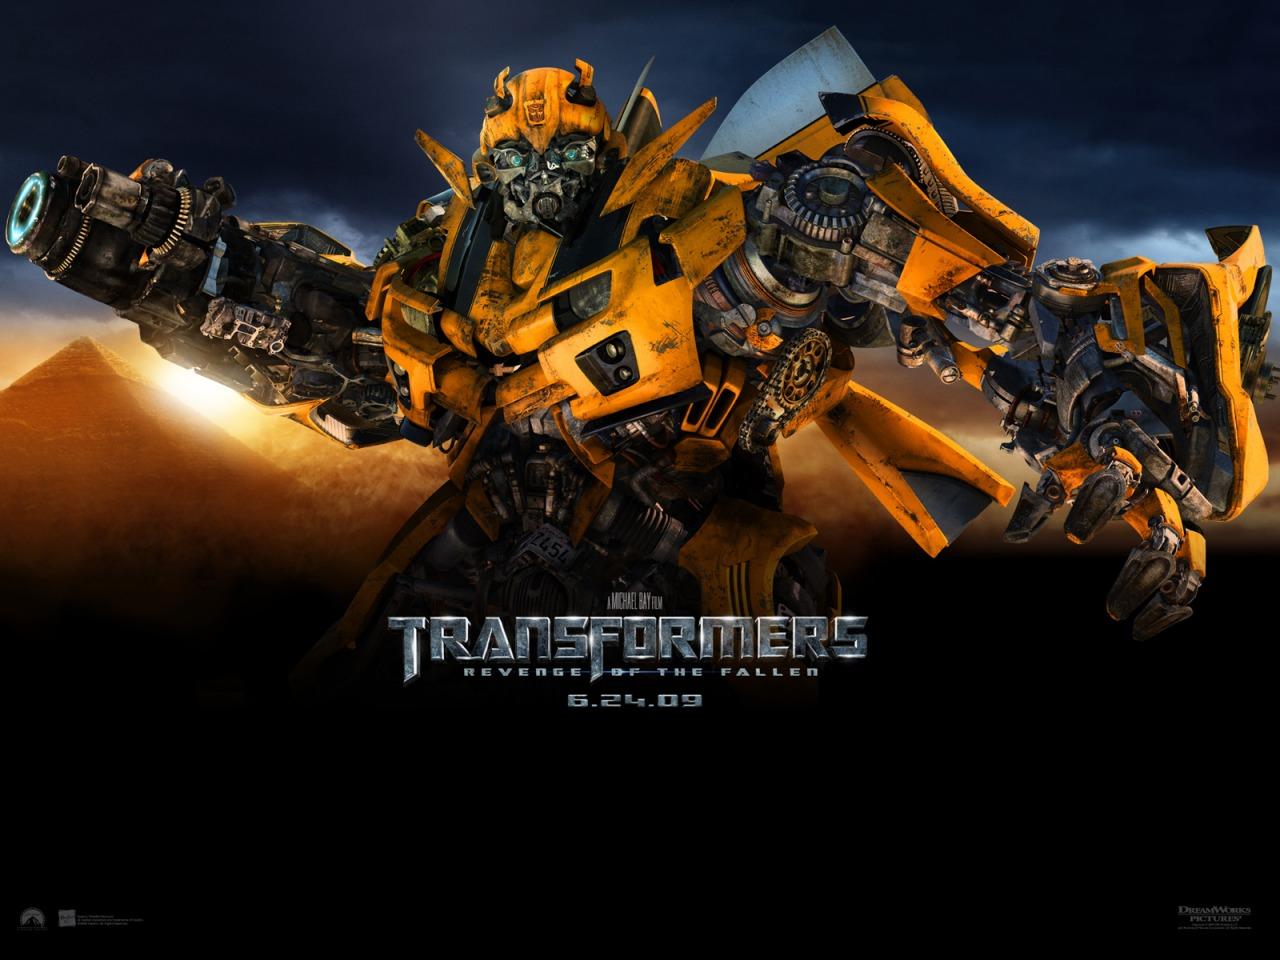 Transformers gallery 9 en download. Chip. Eu™.